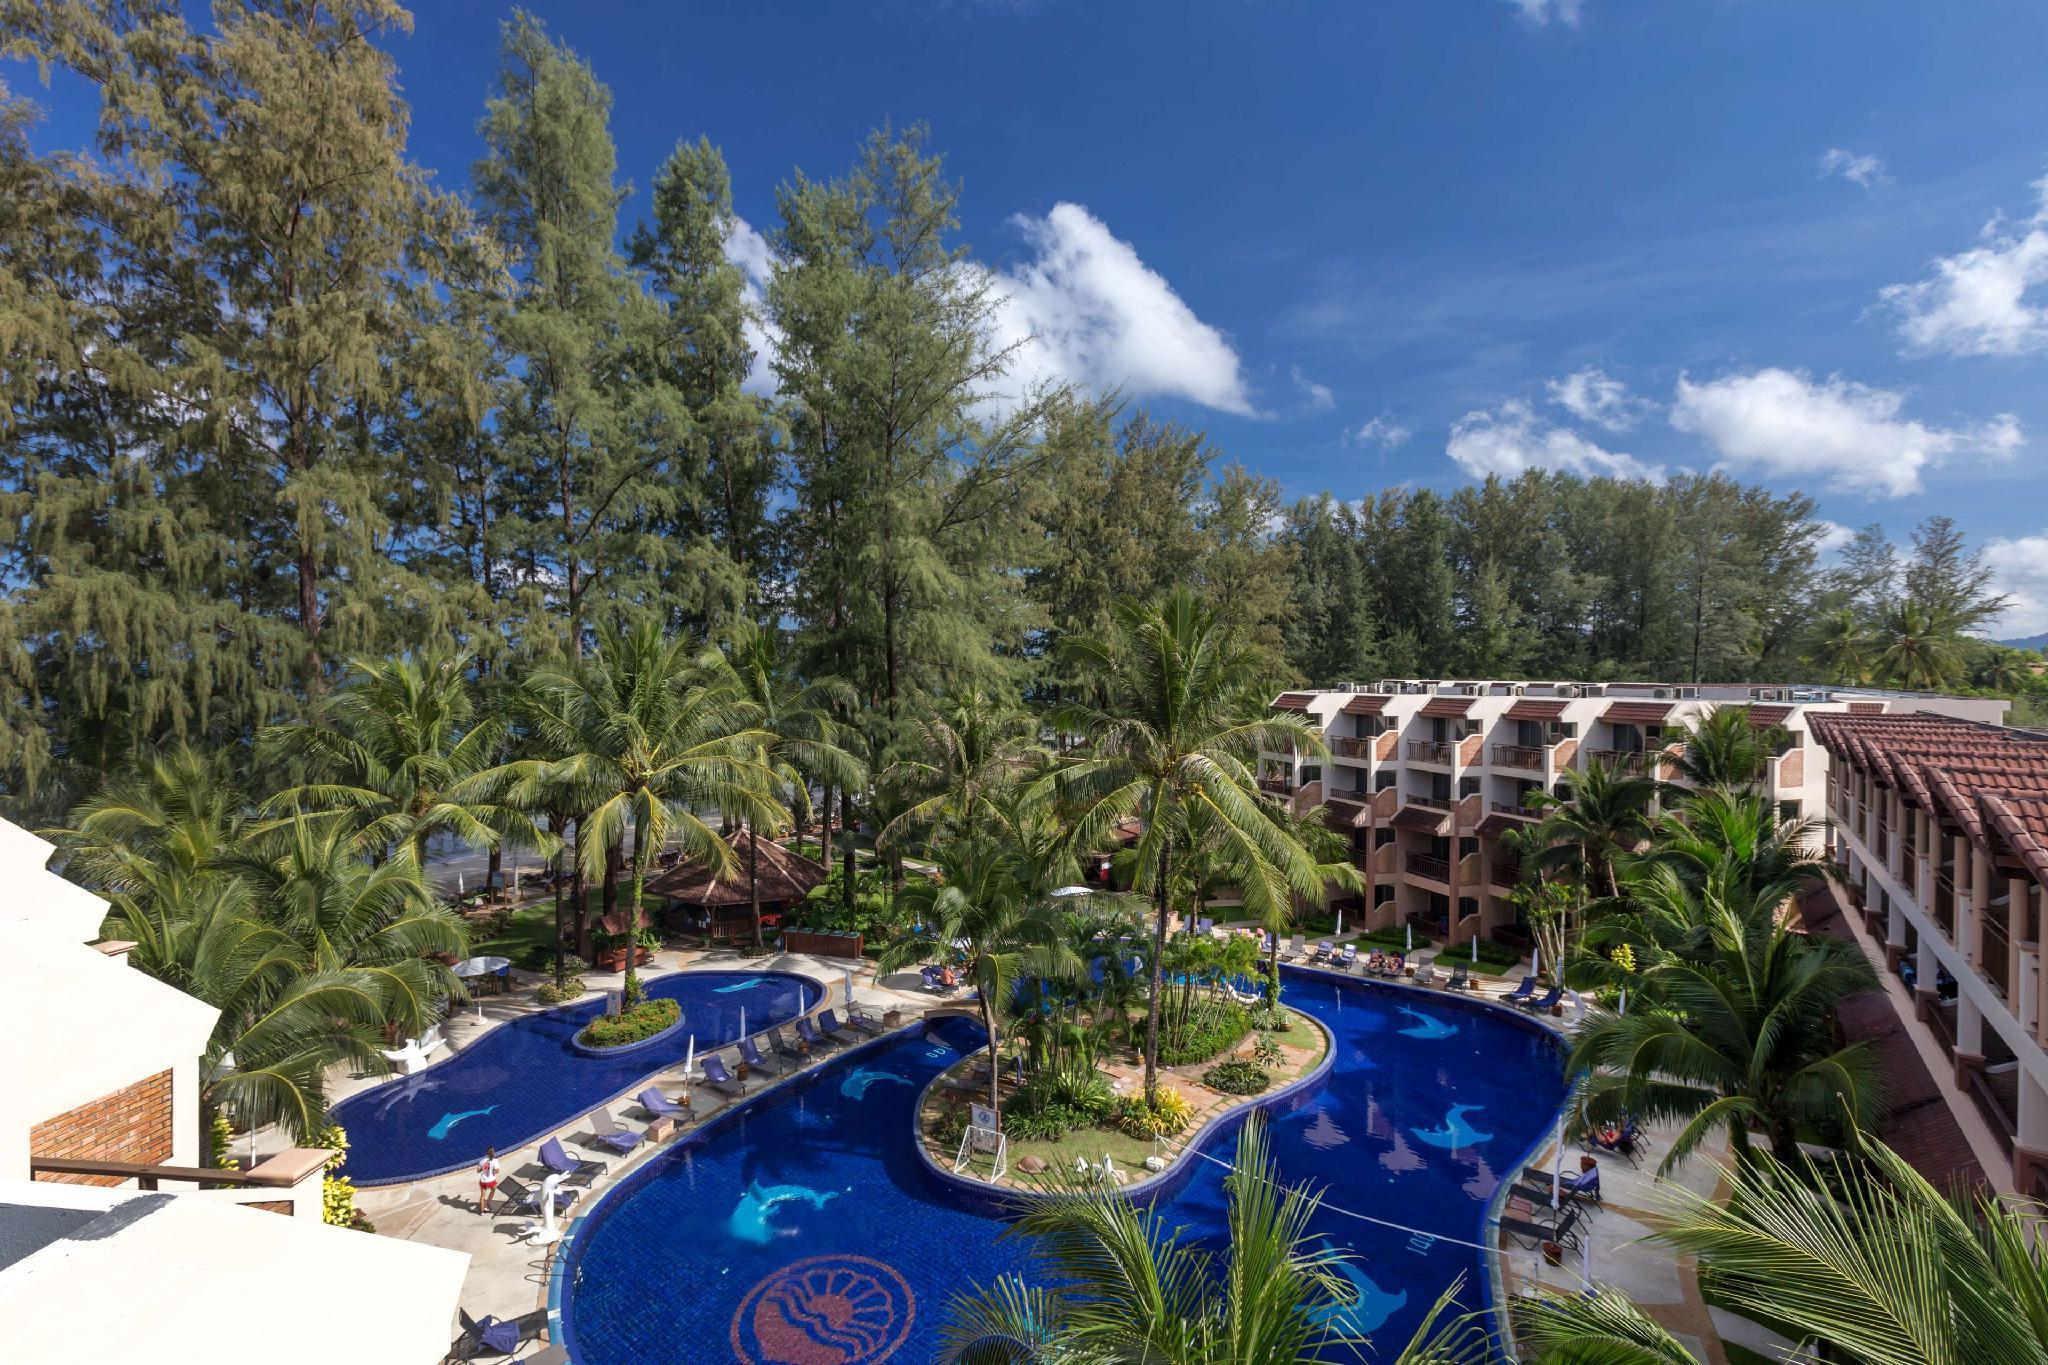 Best Western Premier Bangtao Beach Resort & Spa โรงแรมเบสท์ เวสเทิร์น พรีเมียร์ บางเทาบีช รีสอร์ท แอนด์ สปา